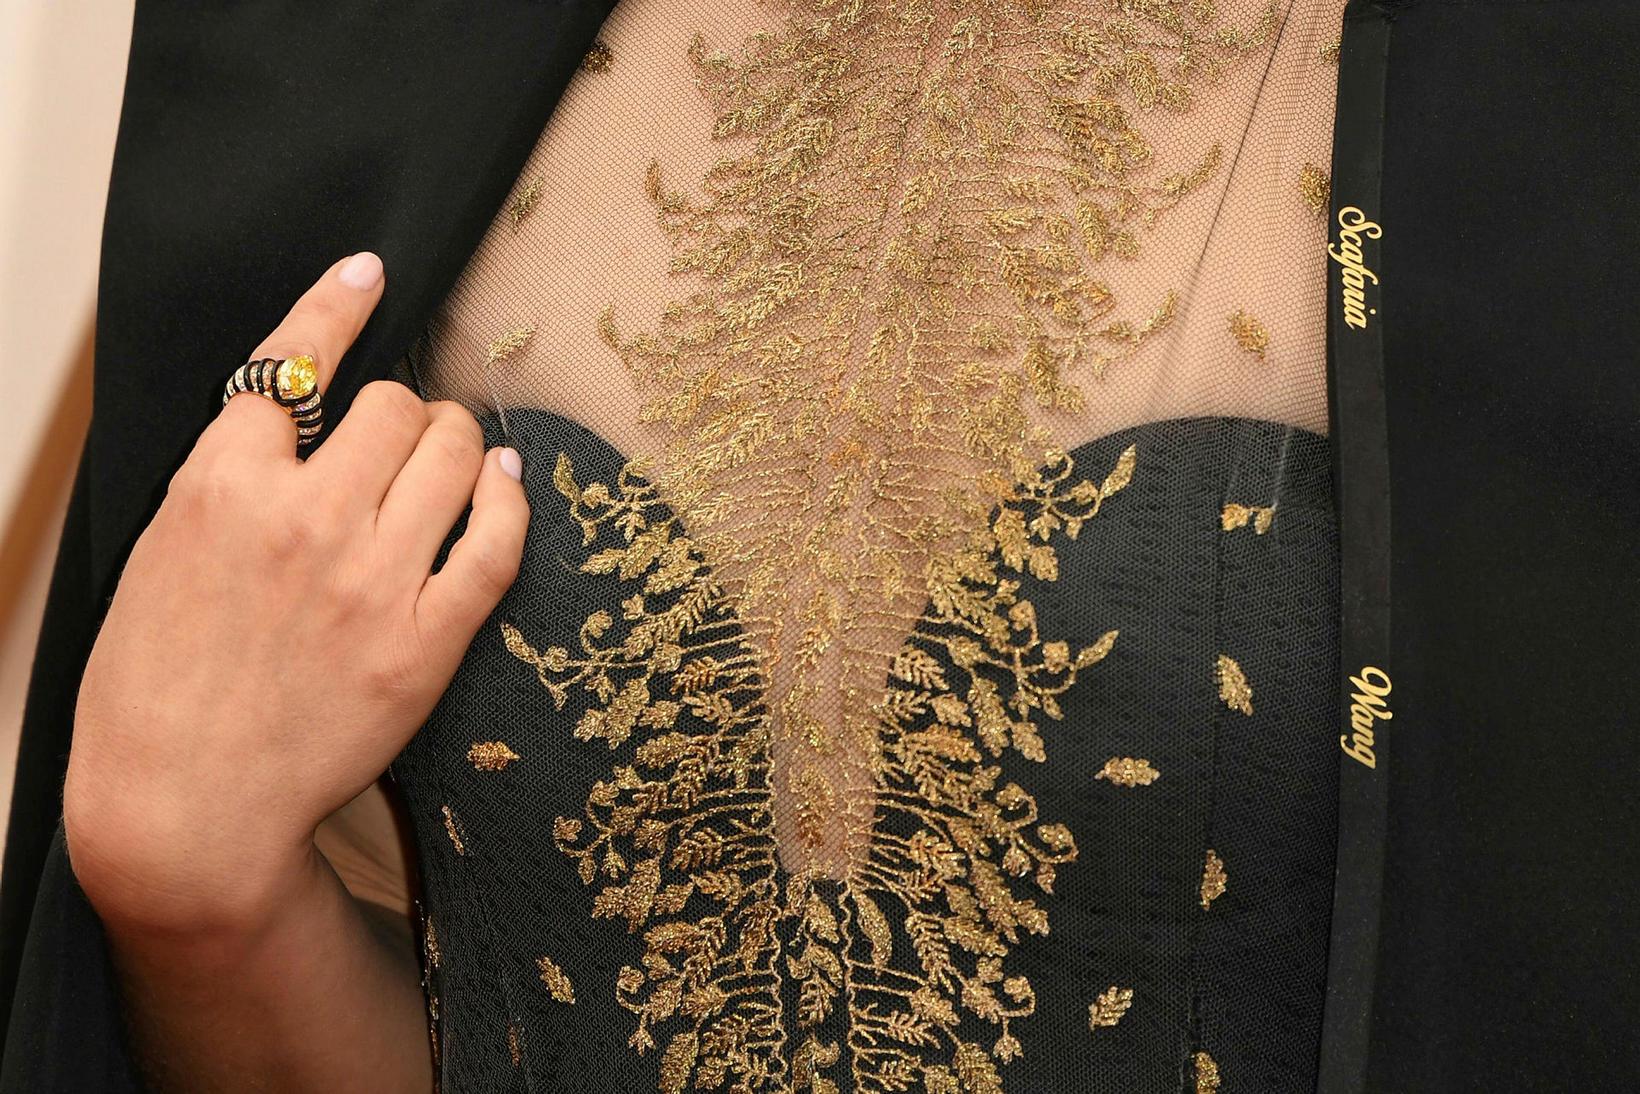 Natalie Portman klæddist kjól með ísaumuðum nöfnum kvenkyns leikstjóra á …